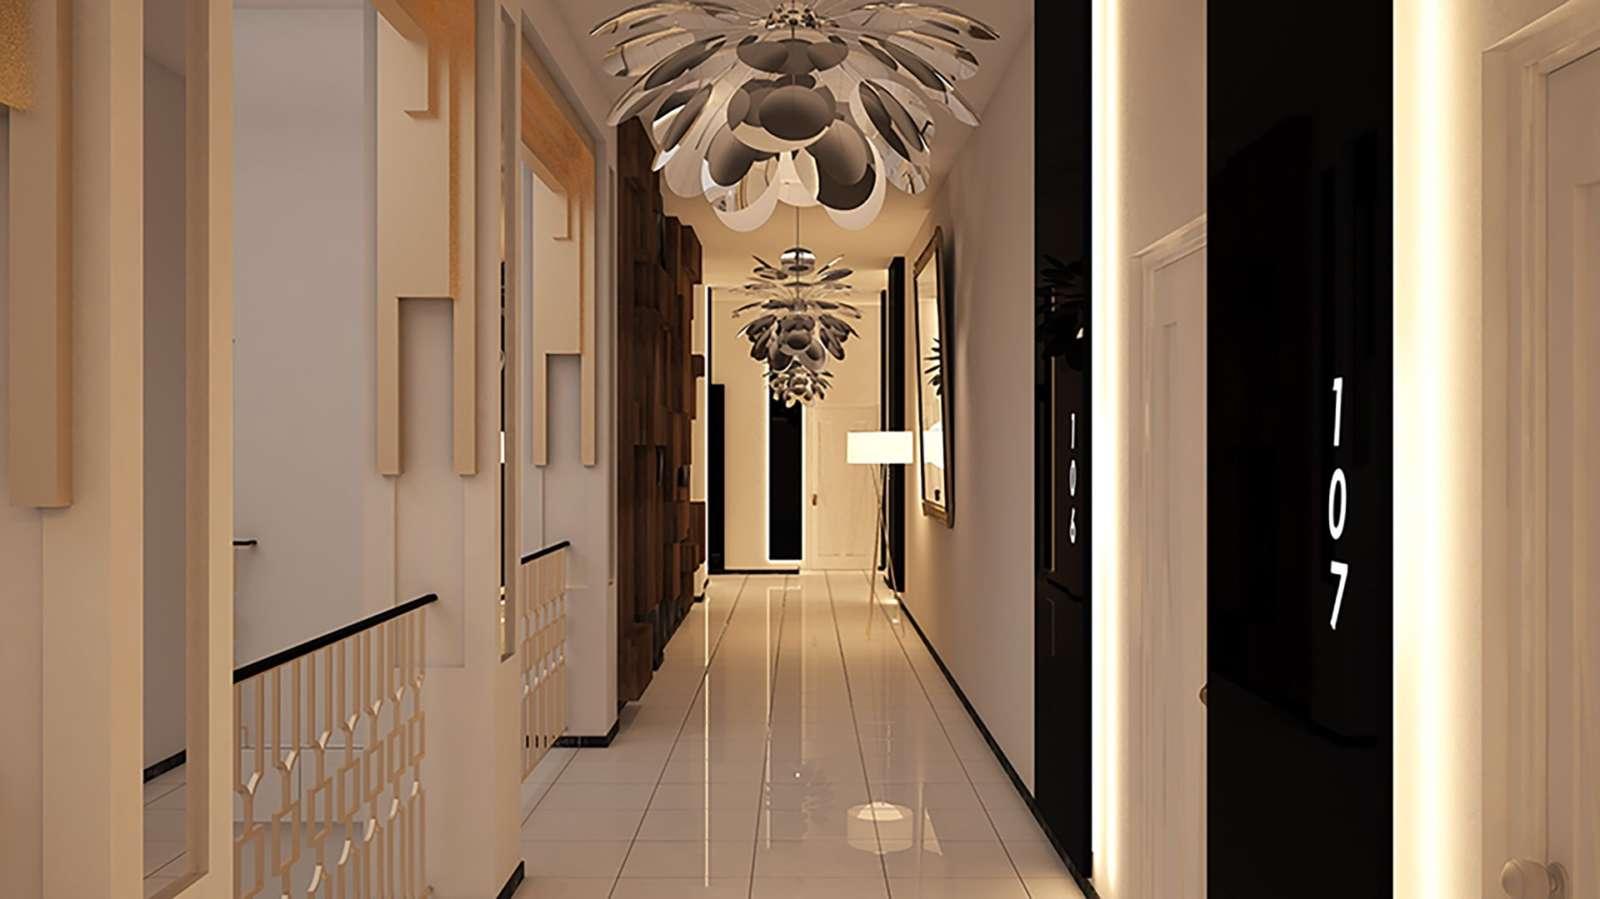 Corridor at Melia San Carlos